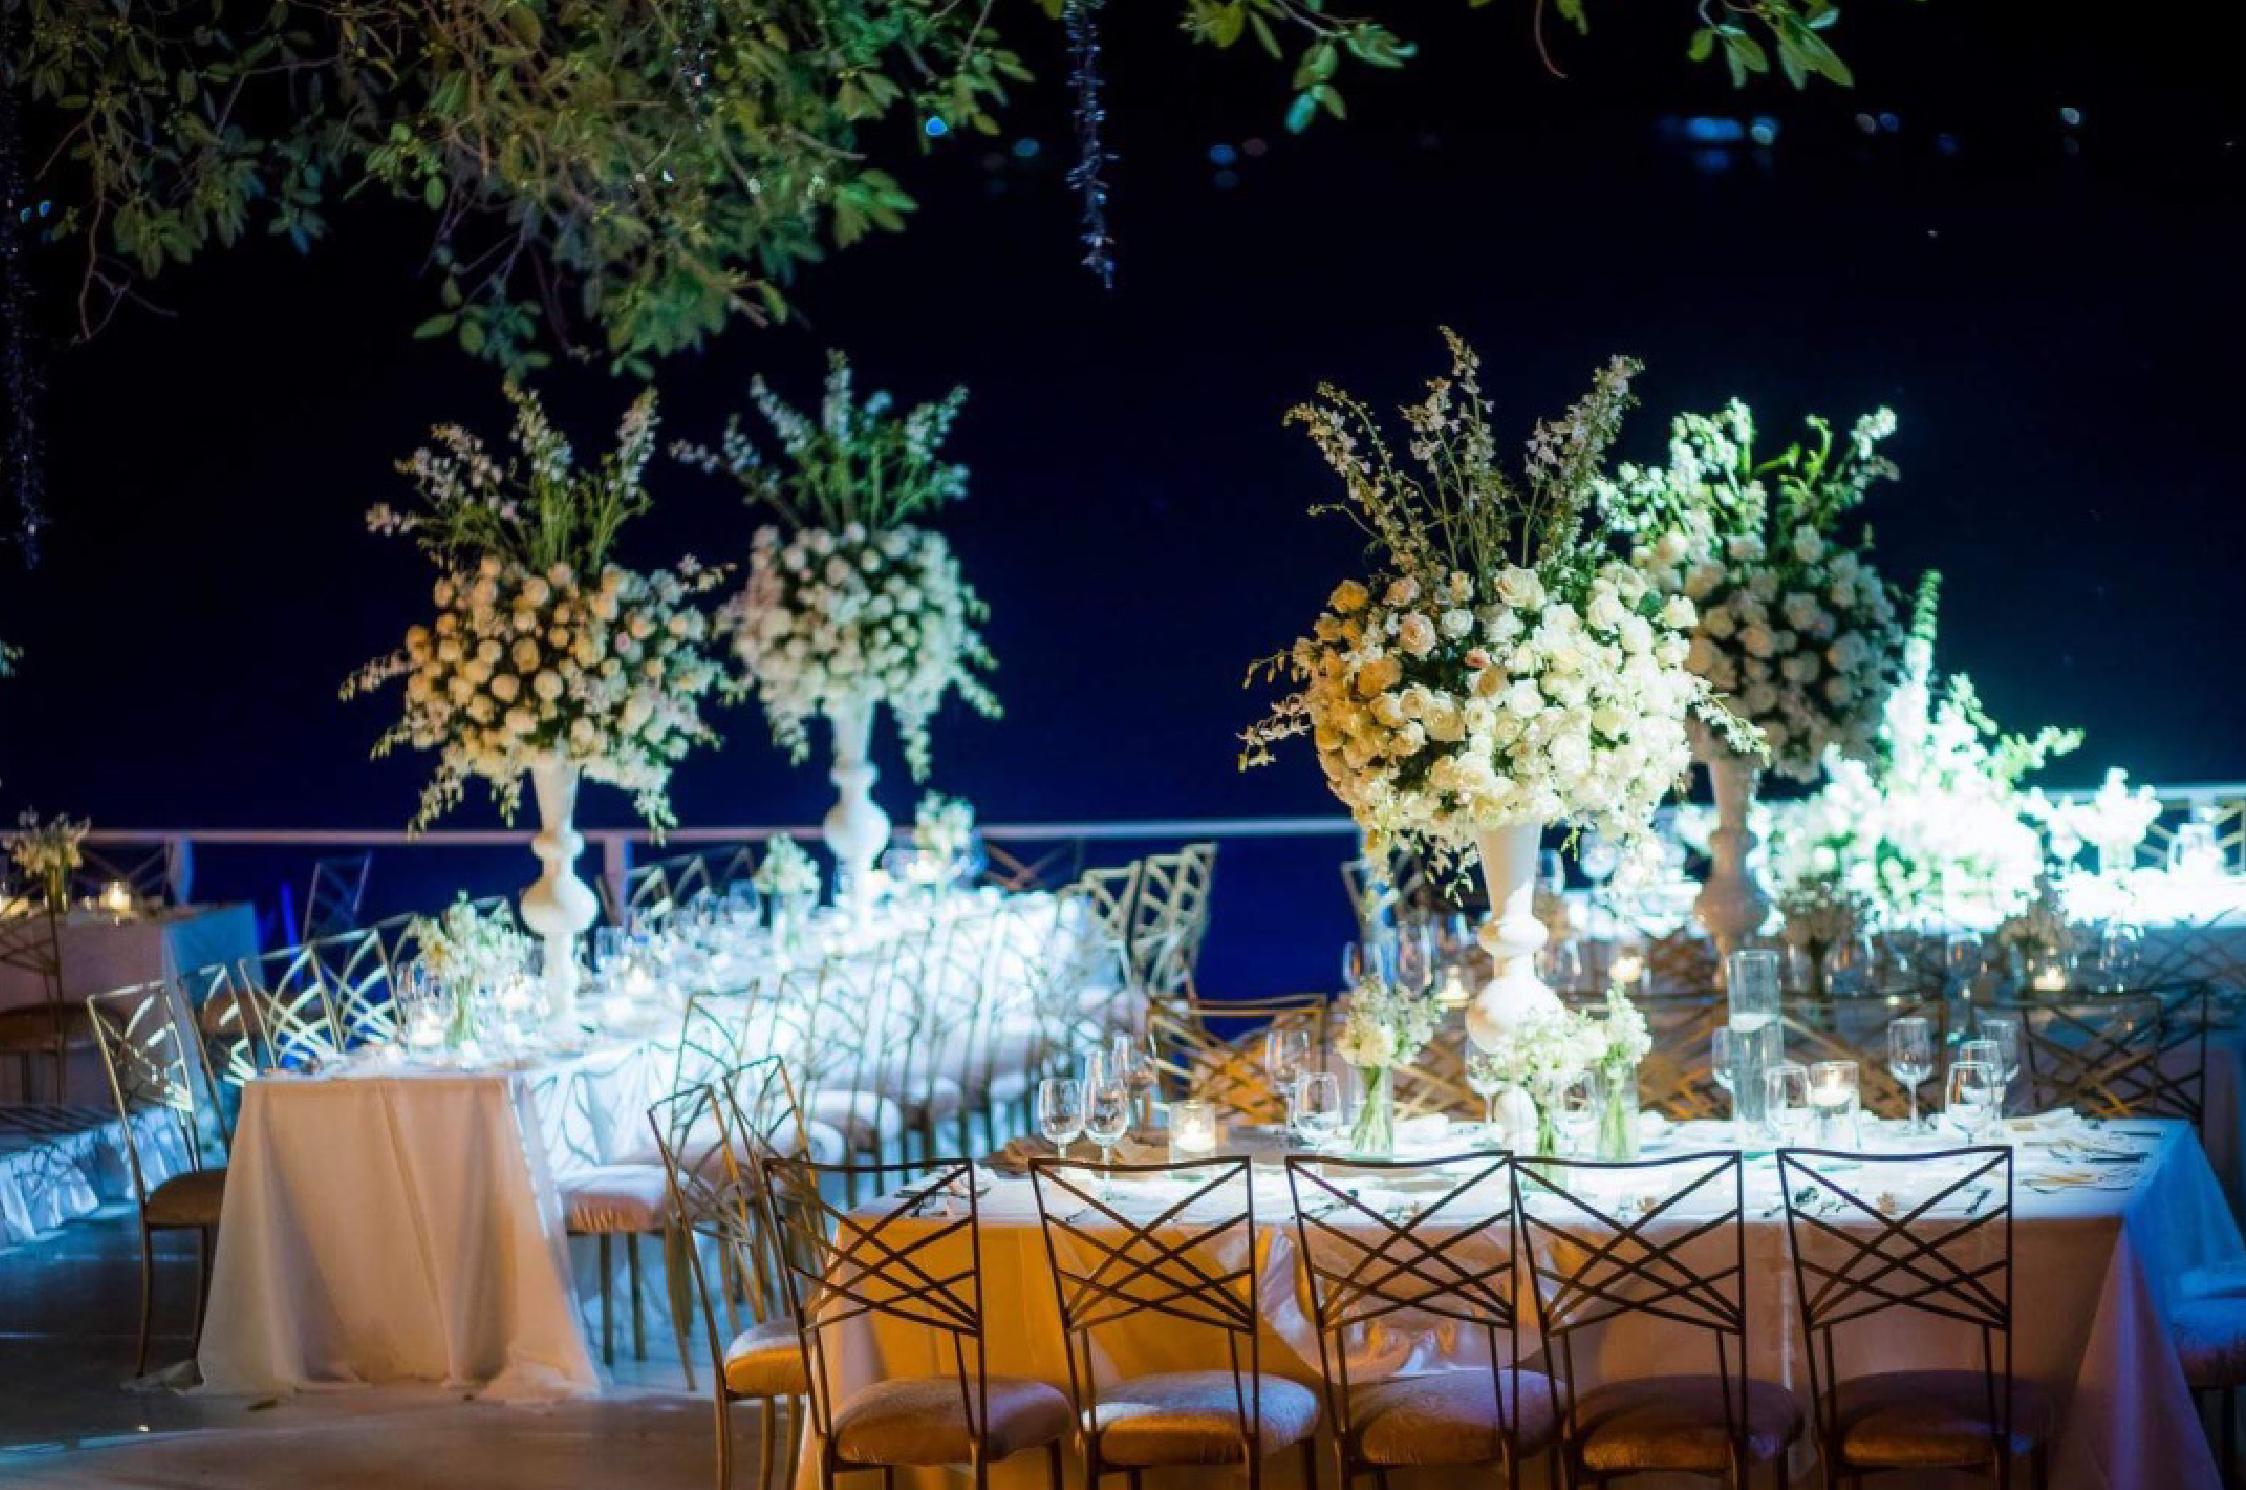 hado-eventos-wedding-planner-nayarit-10